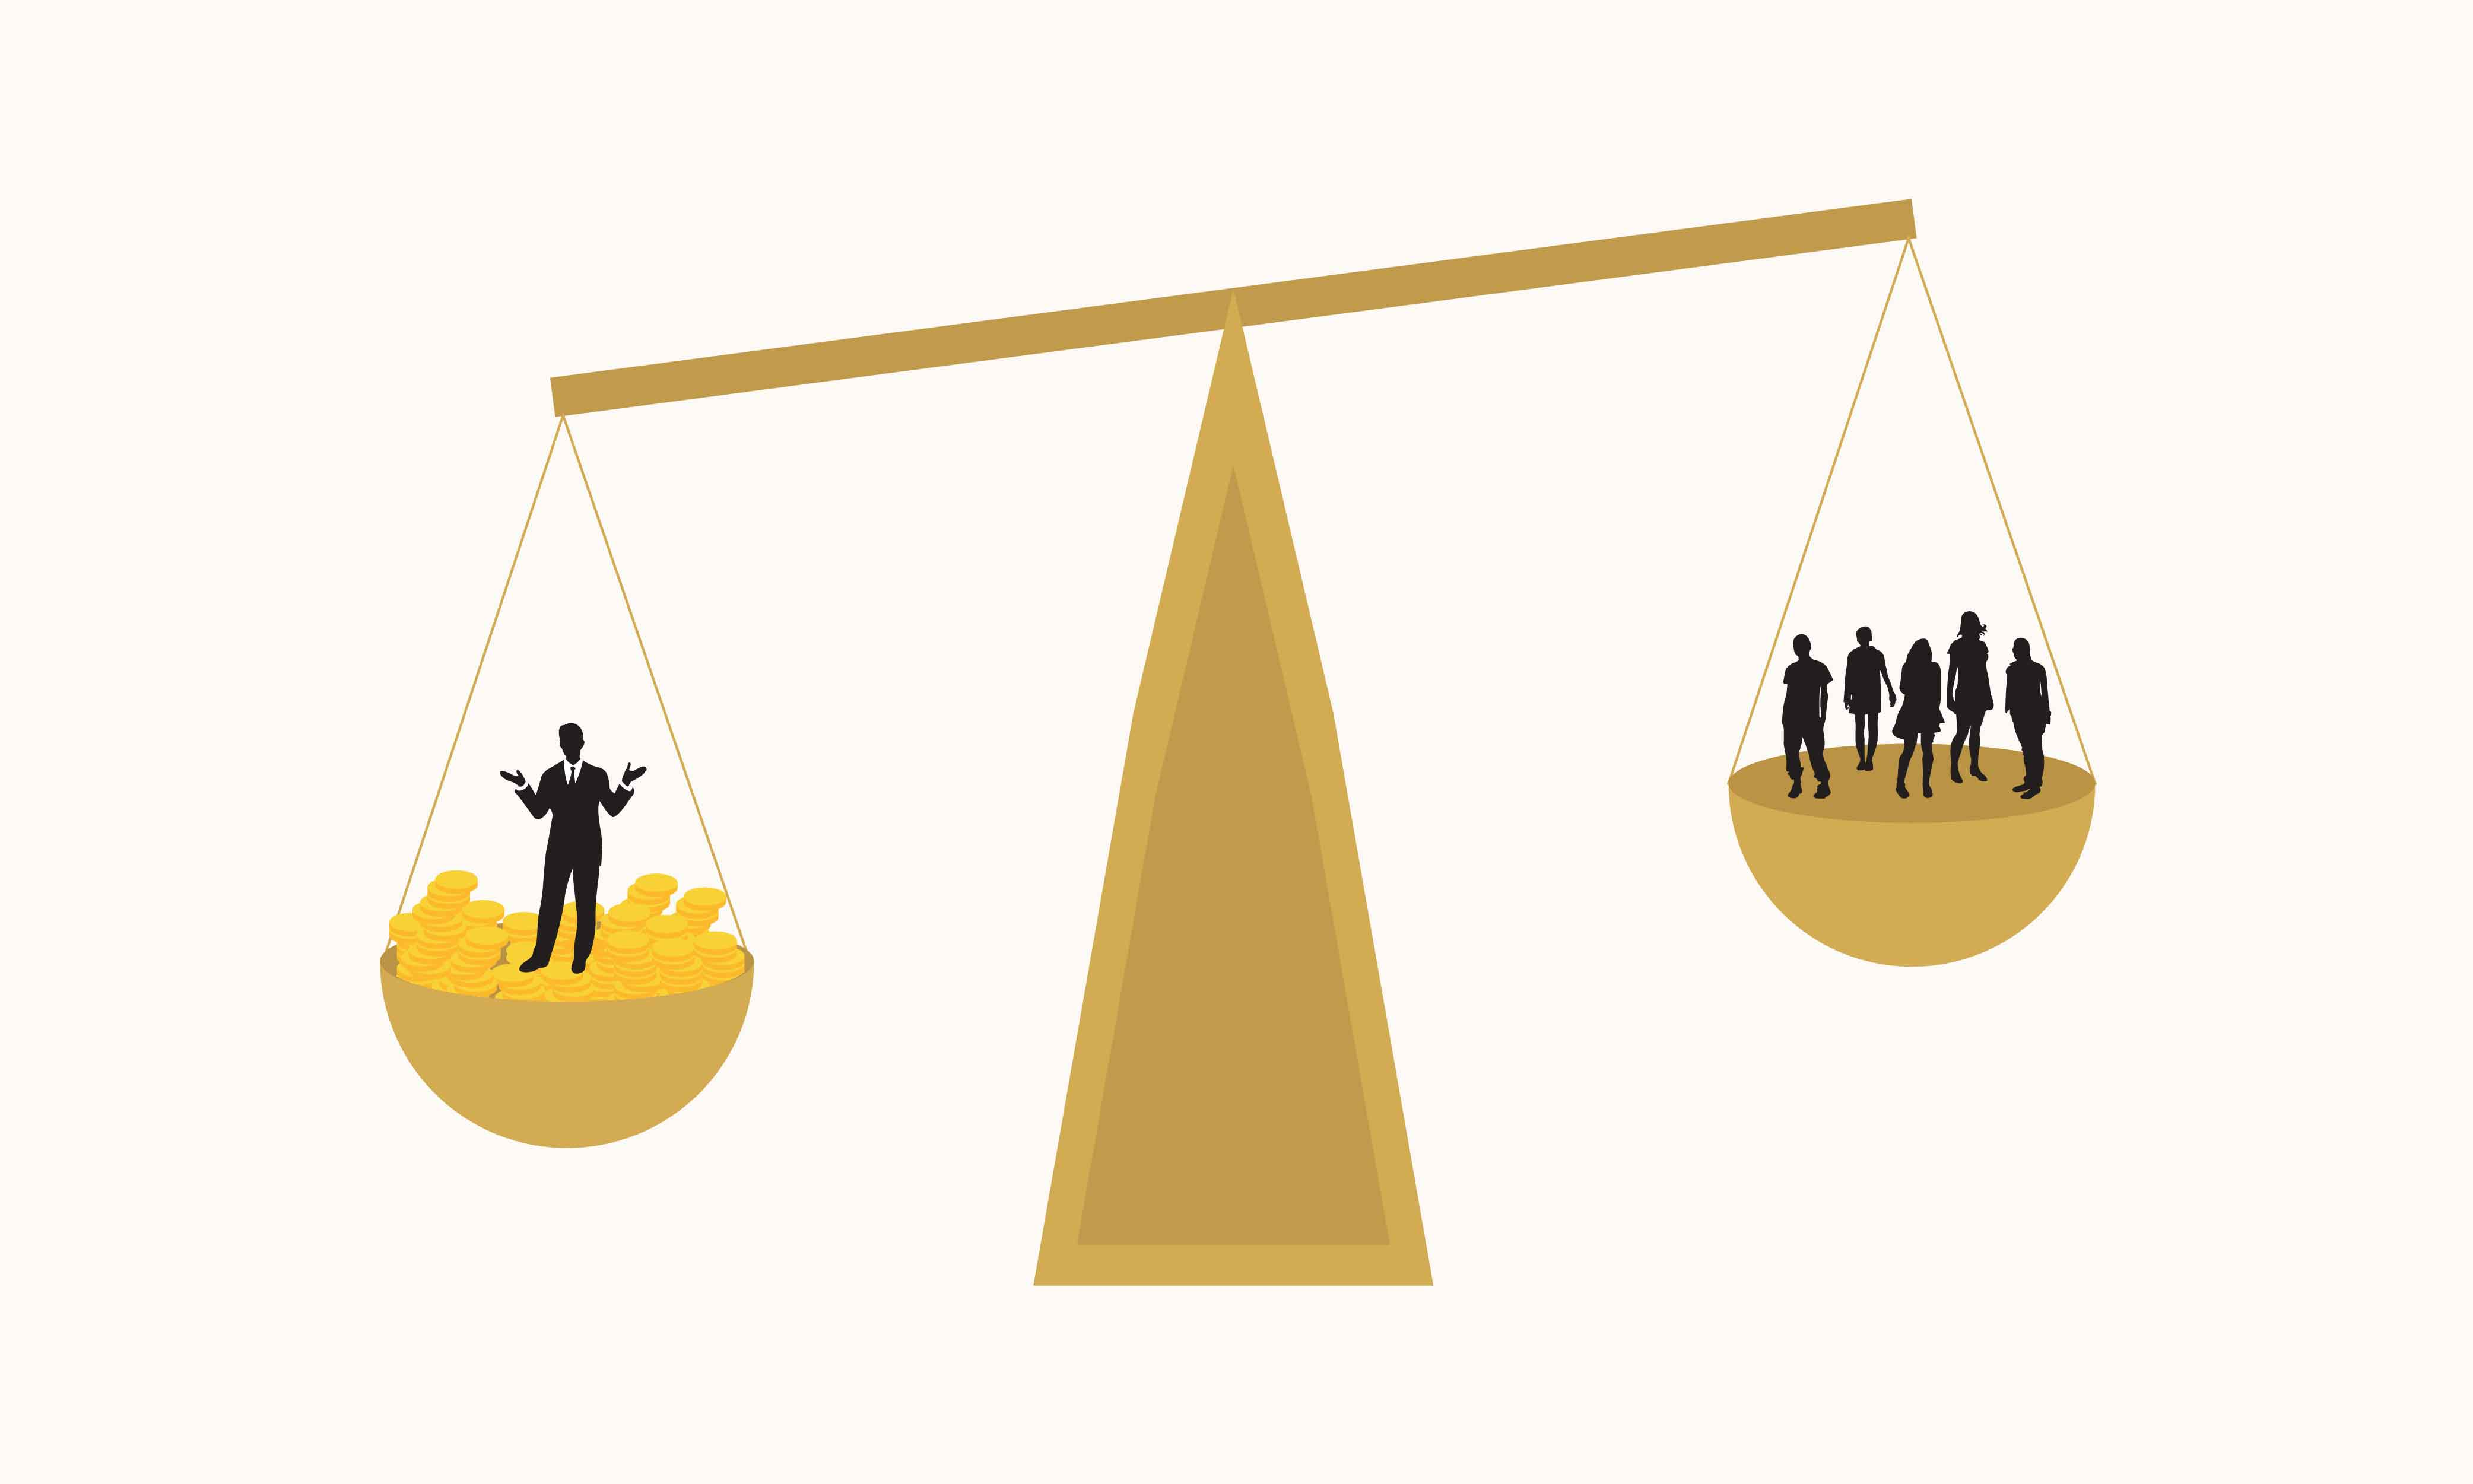 從實證研究結果看見,法律對權貴者與弱勢者來說,並不是機會均等的。這是政治學中「資源不平等理論」的體現。 圖說設計│黃楷元、張語辰